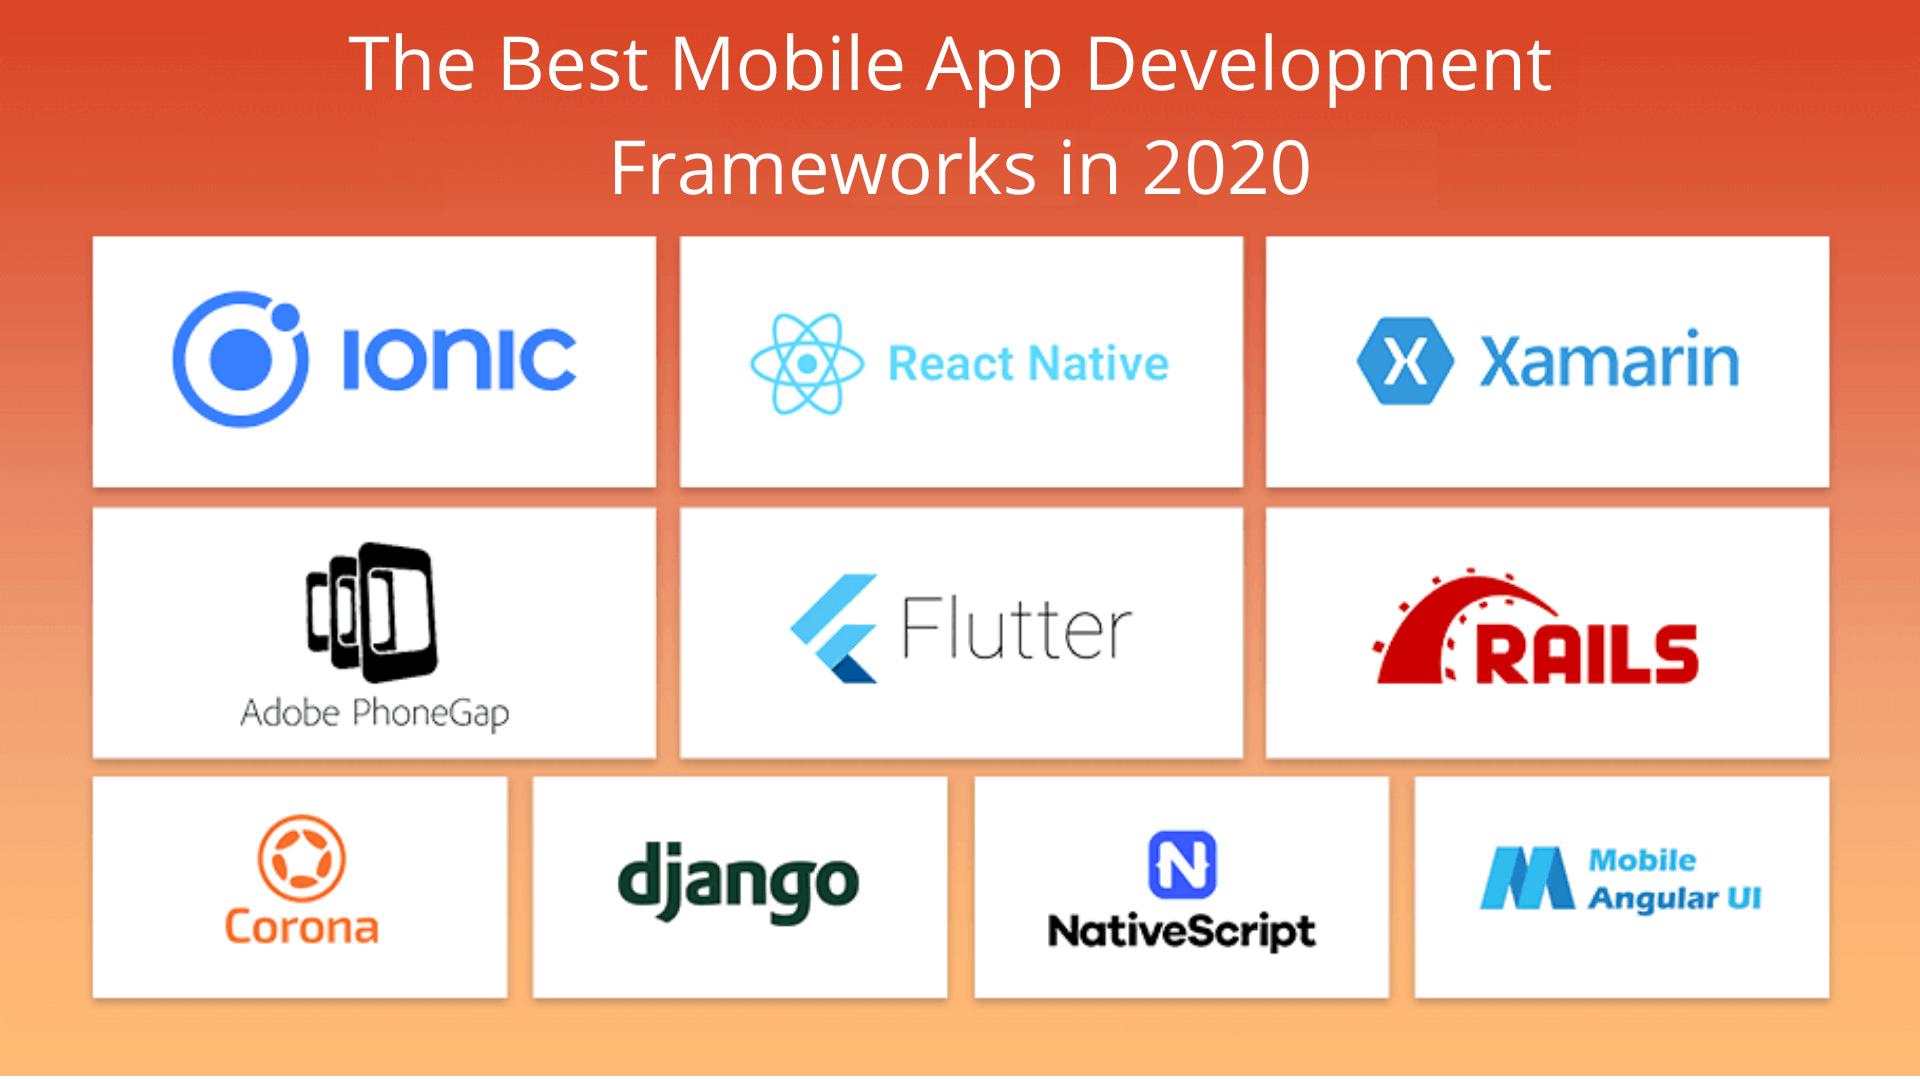 The Best Mobile App Development Frameworks in 2020